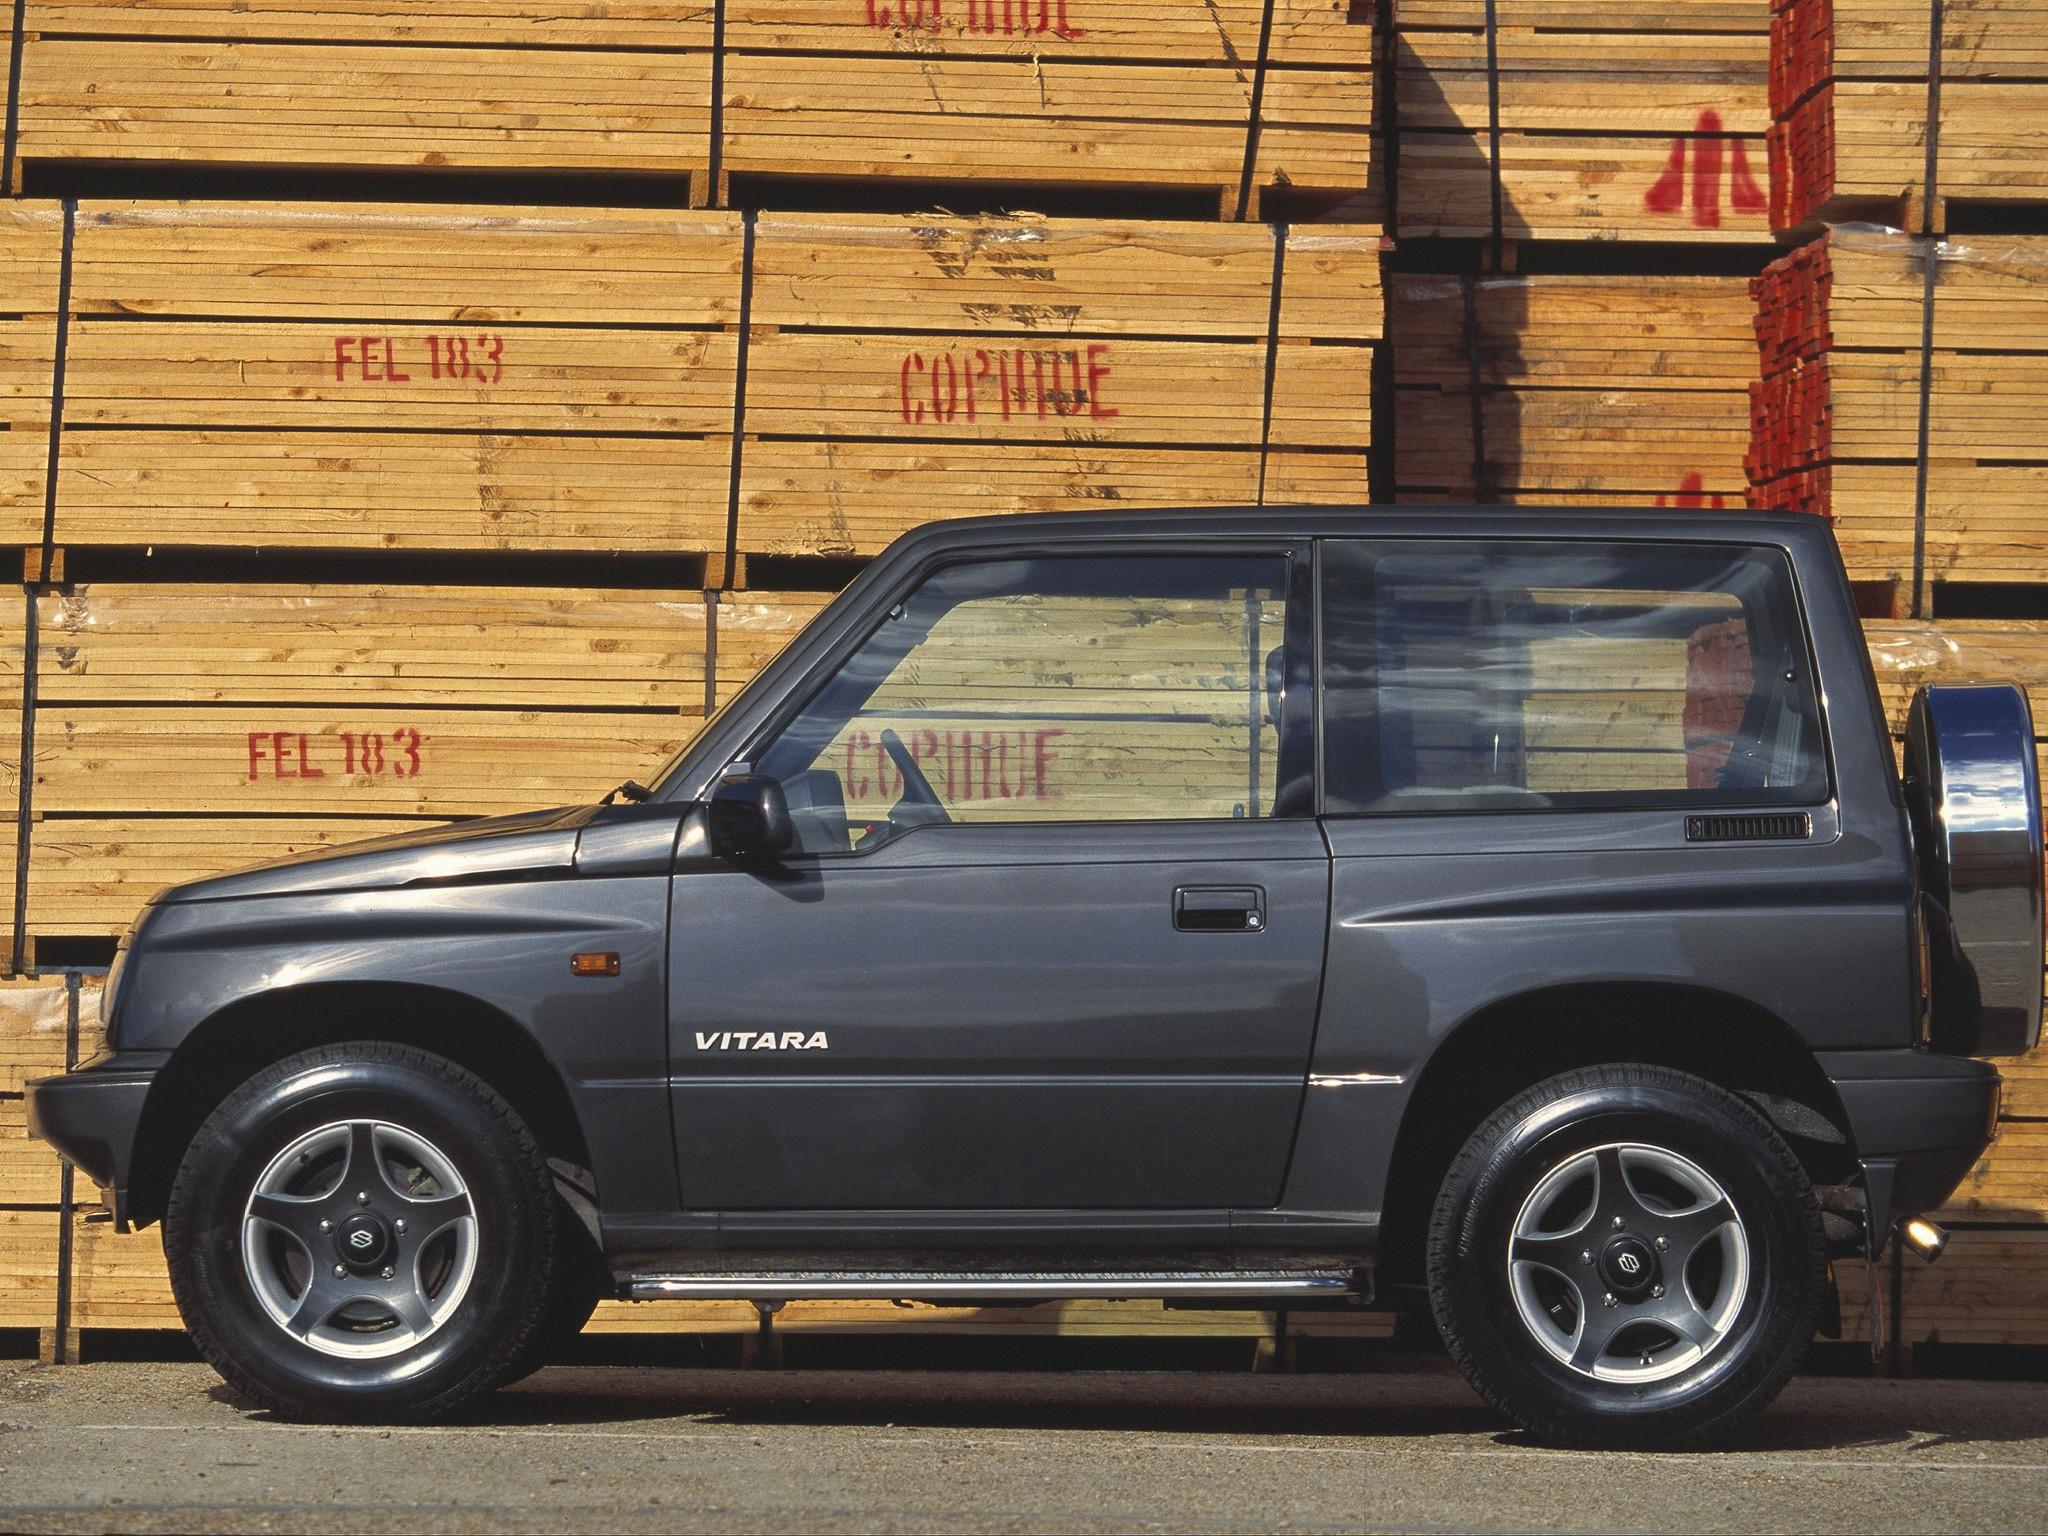 Suzuki Vitara Sport Utility Vehicle 3 Doors 1991